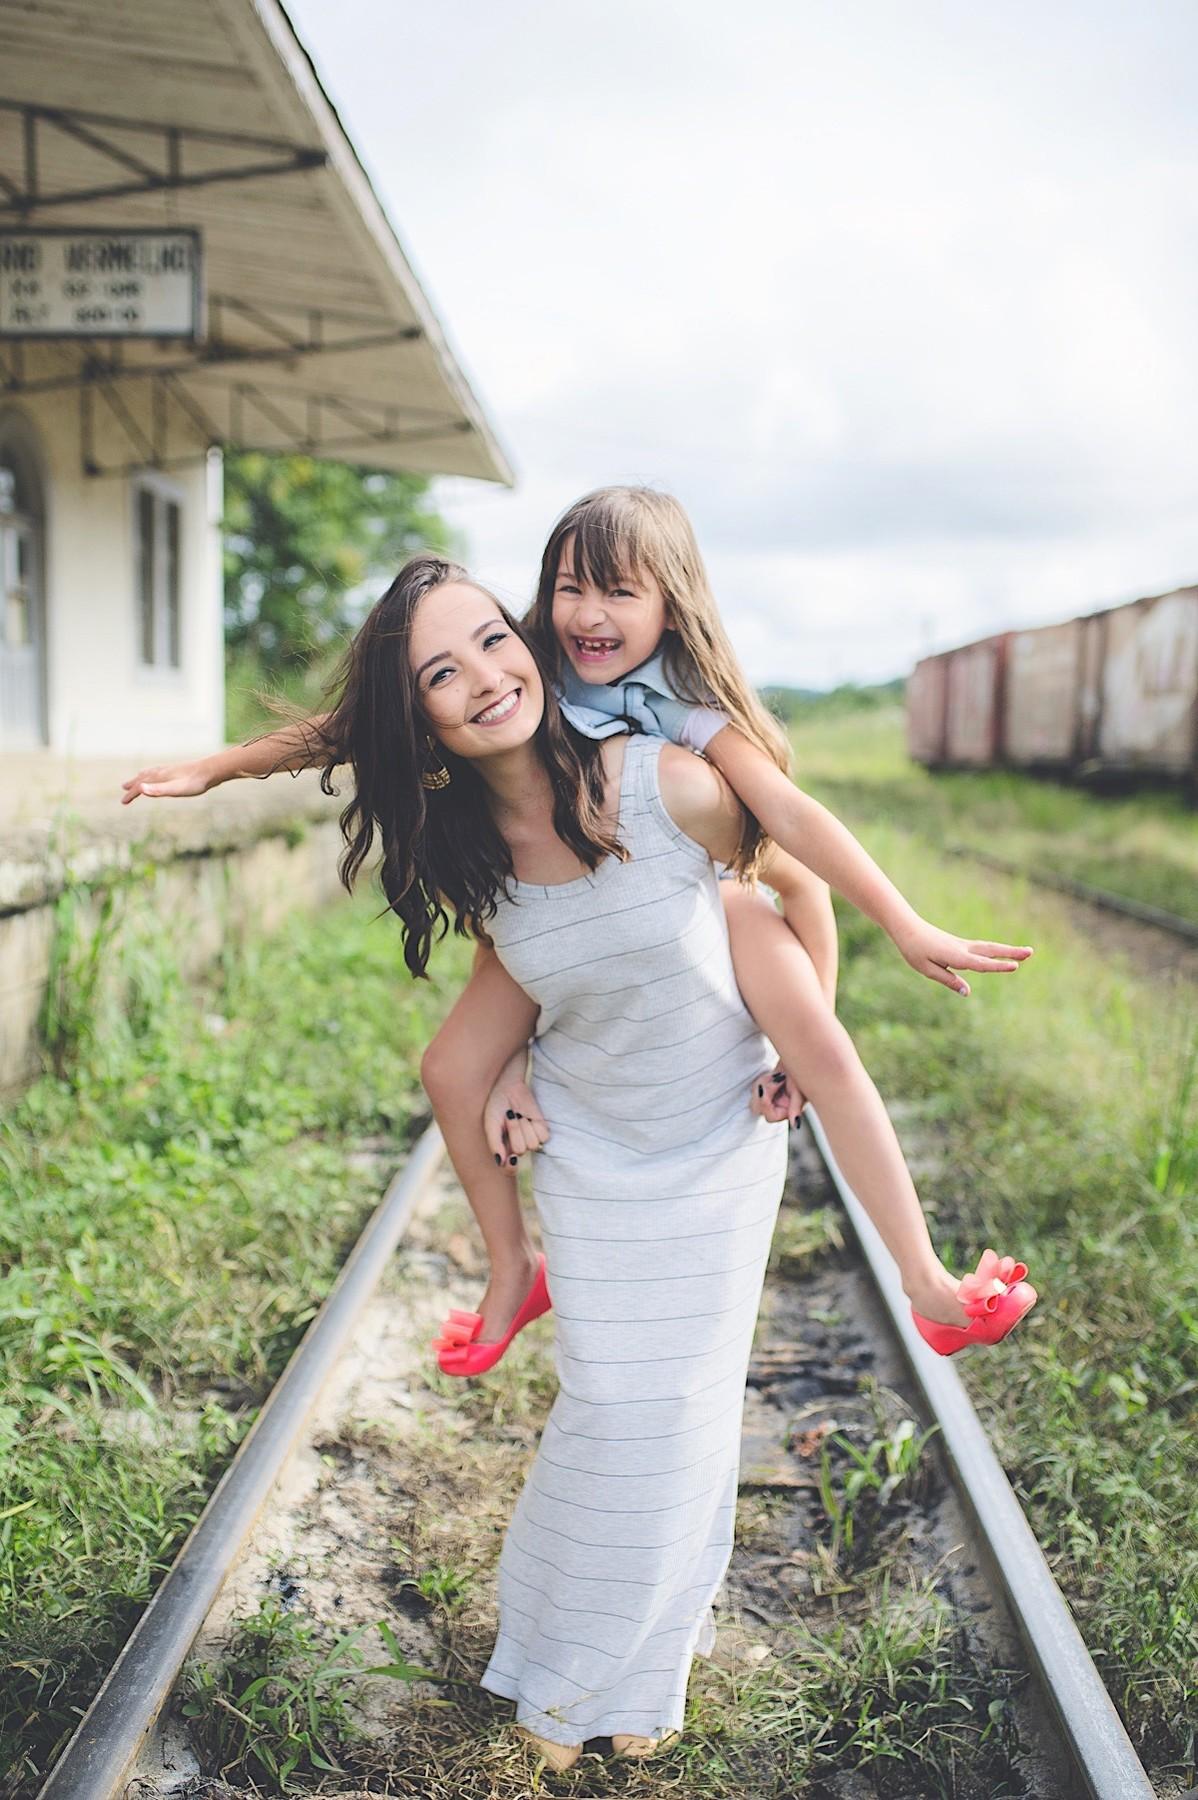 book família - vó - mãe - neta - ensaio fotográfico - são bento do sul - trilho de trem - estação de trem - chroma fotografia